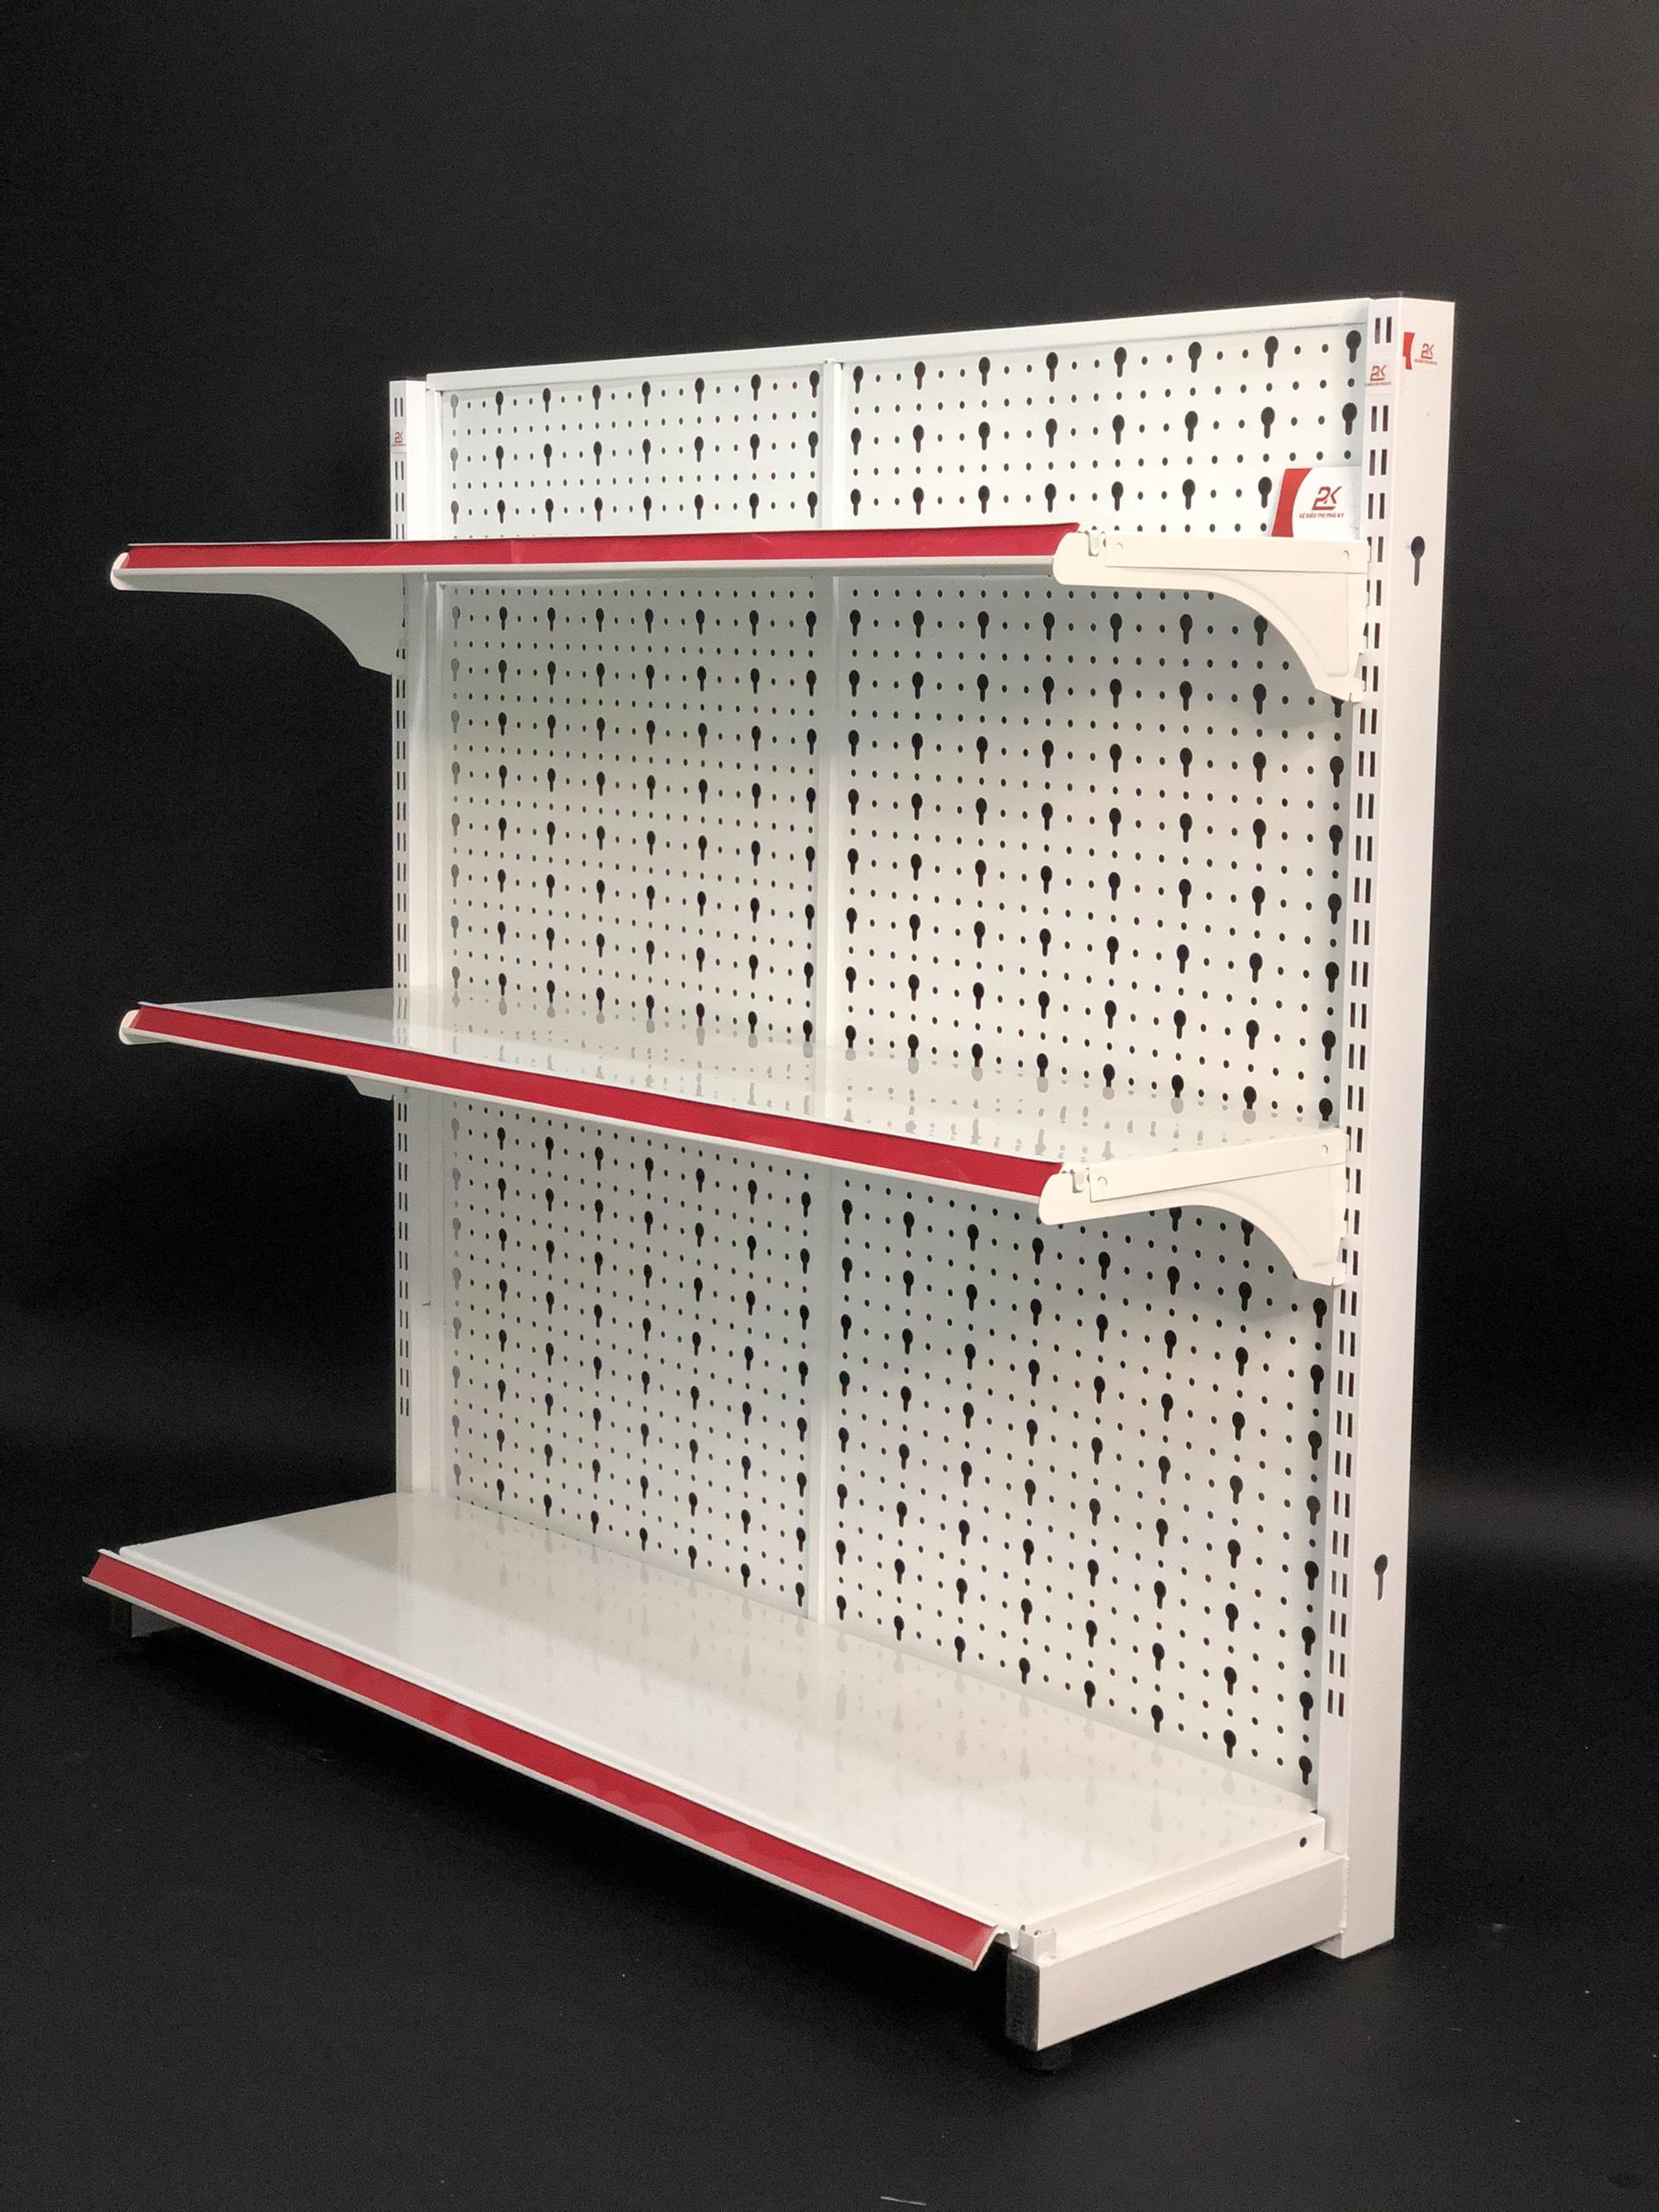 Kệ Tole Lỗ áp tường (1 mặt)-Dài 120 x Rộng 35 x Cao 120 x 3 tầng